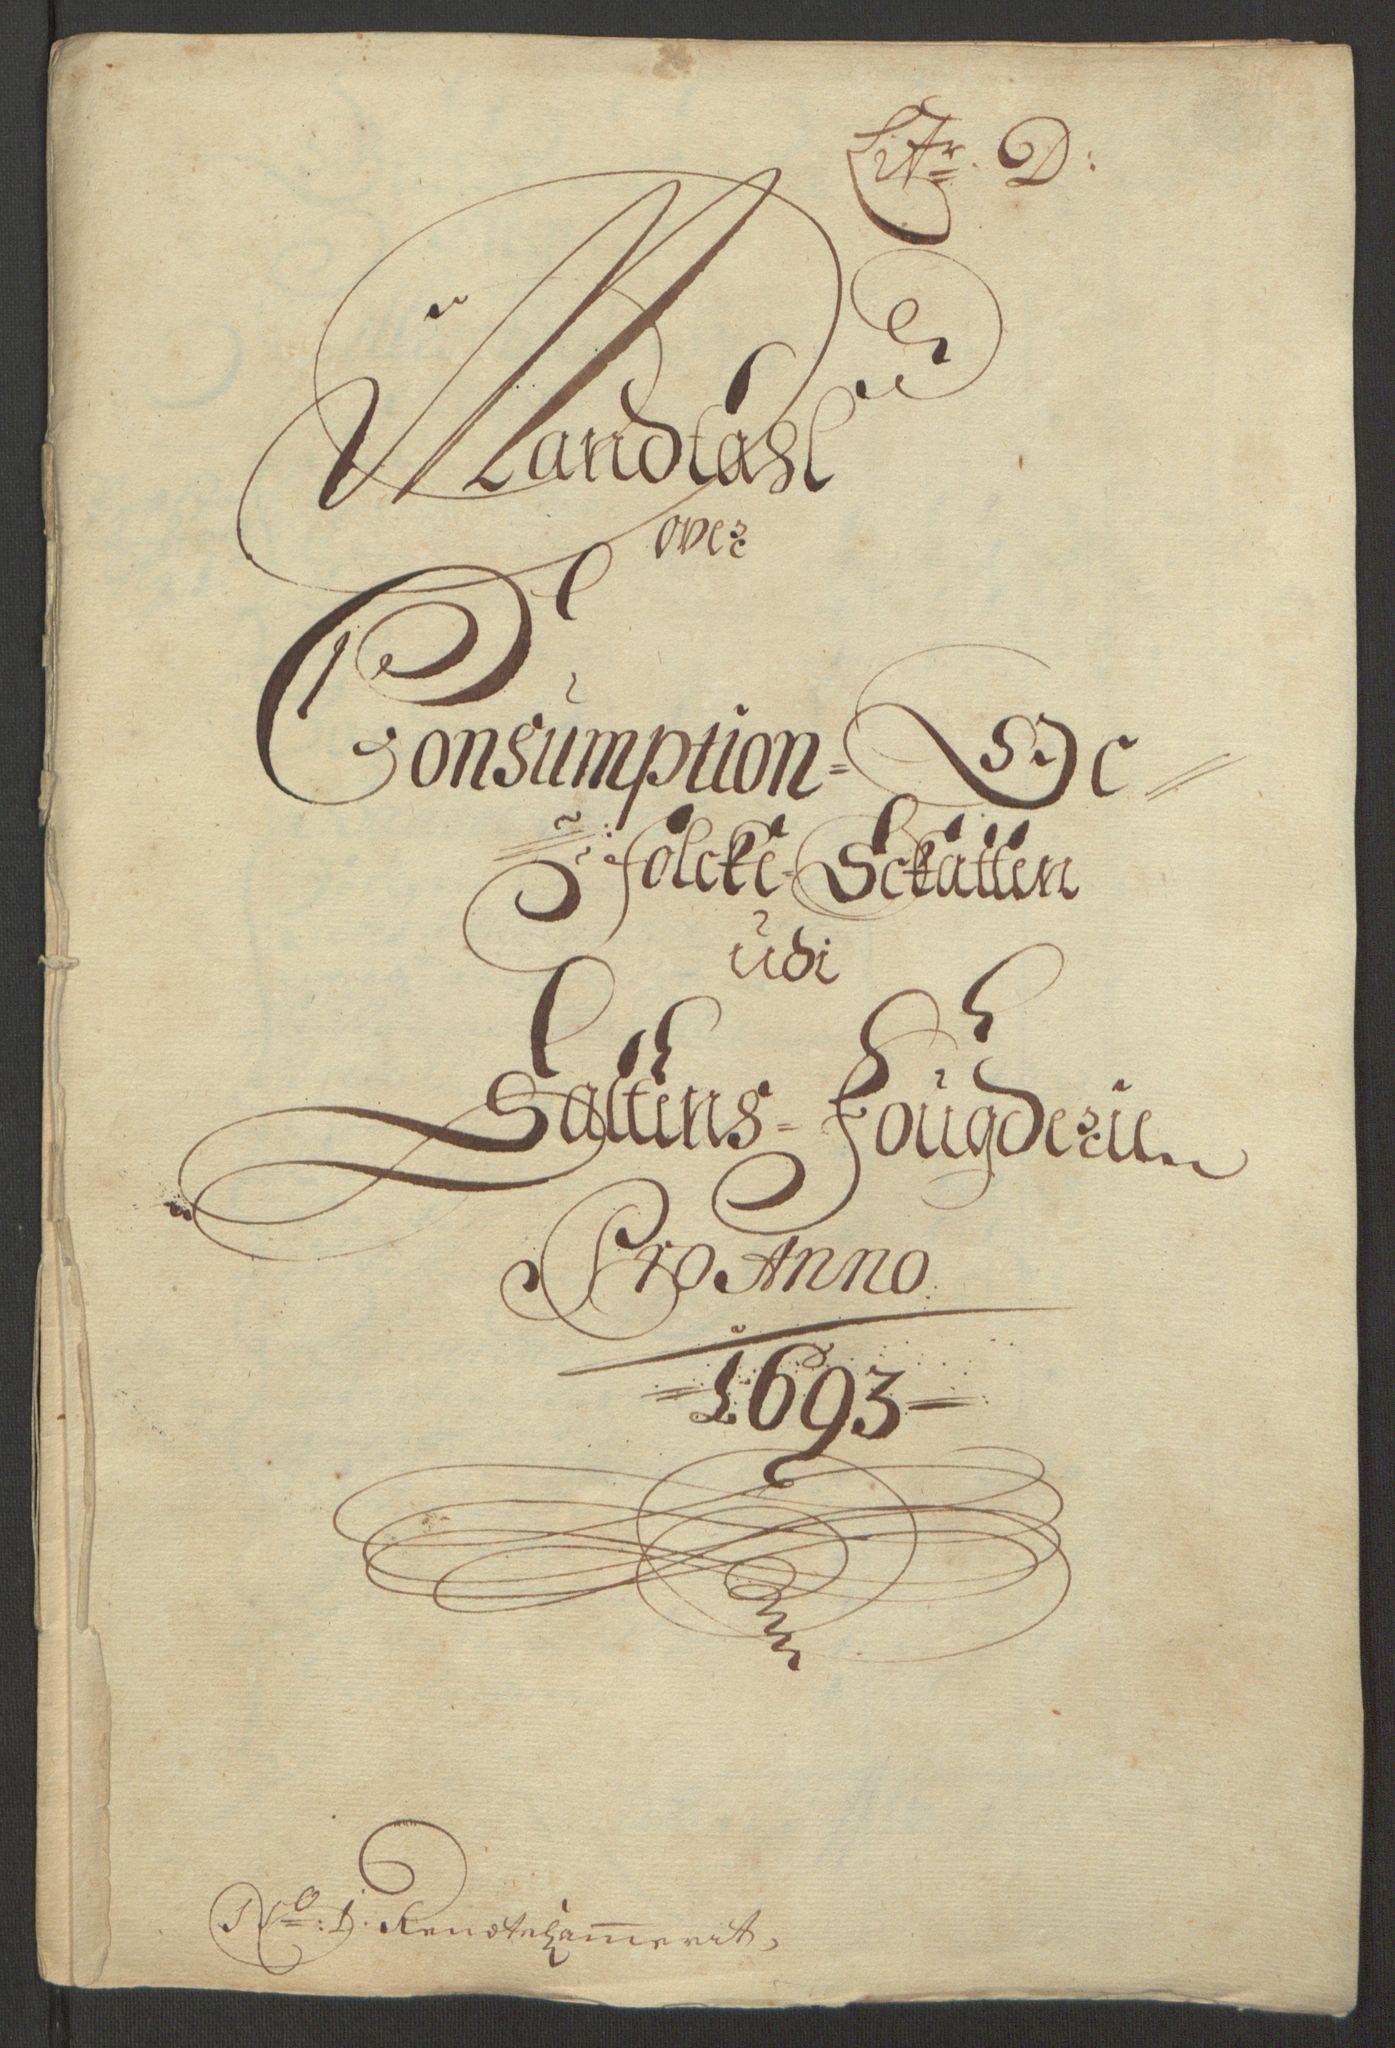 RA, Rentekammeret inntil 1814, Reviderte regnskaper, Fogderegnskap, R66/L4577: Fogderegnskap Salten, 1691-1693, s. 305